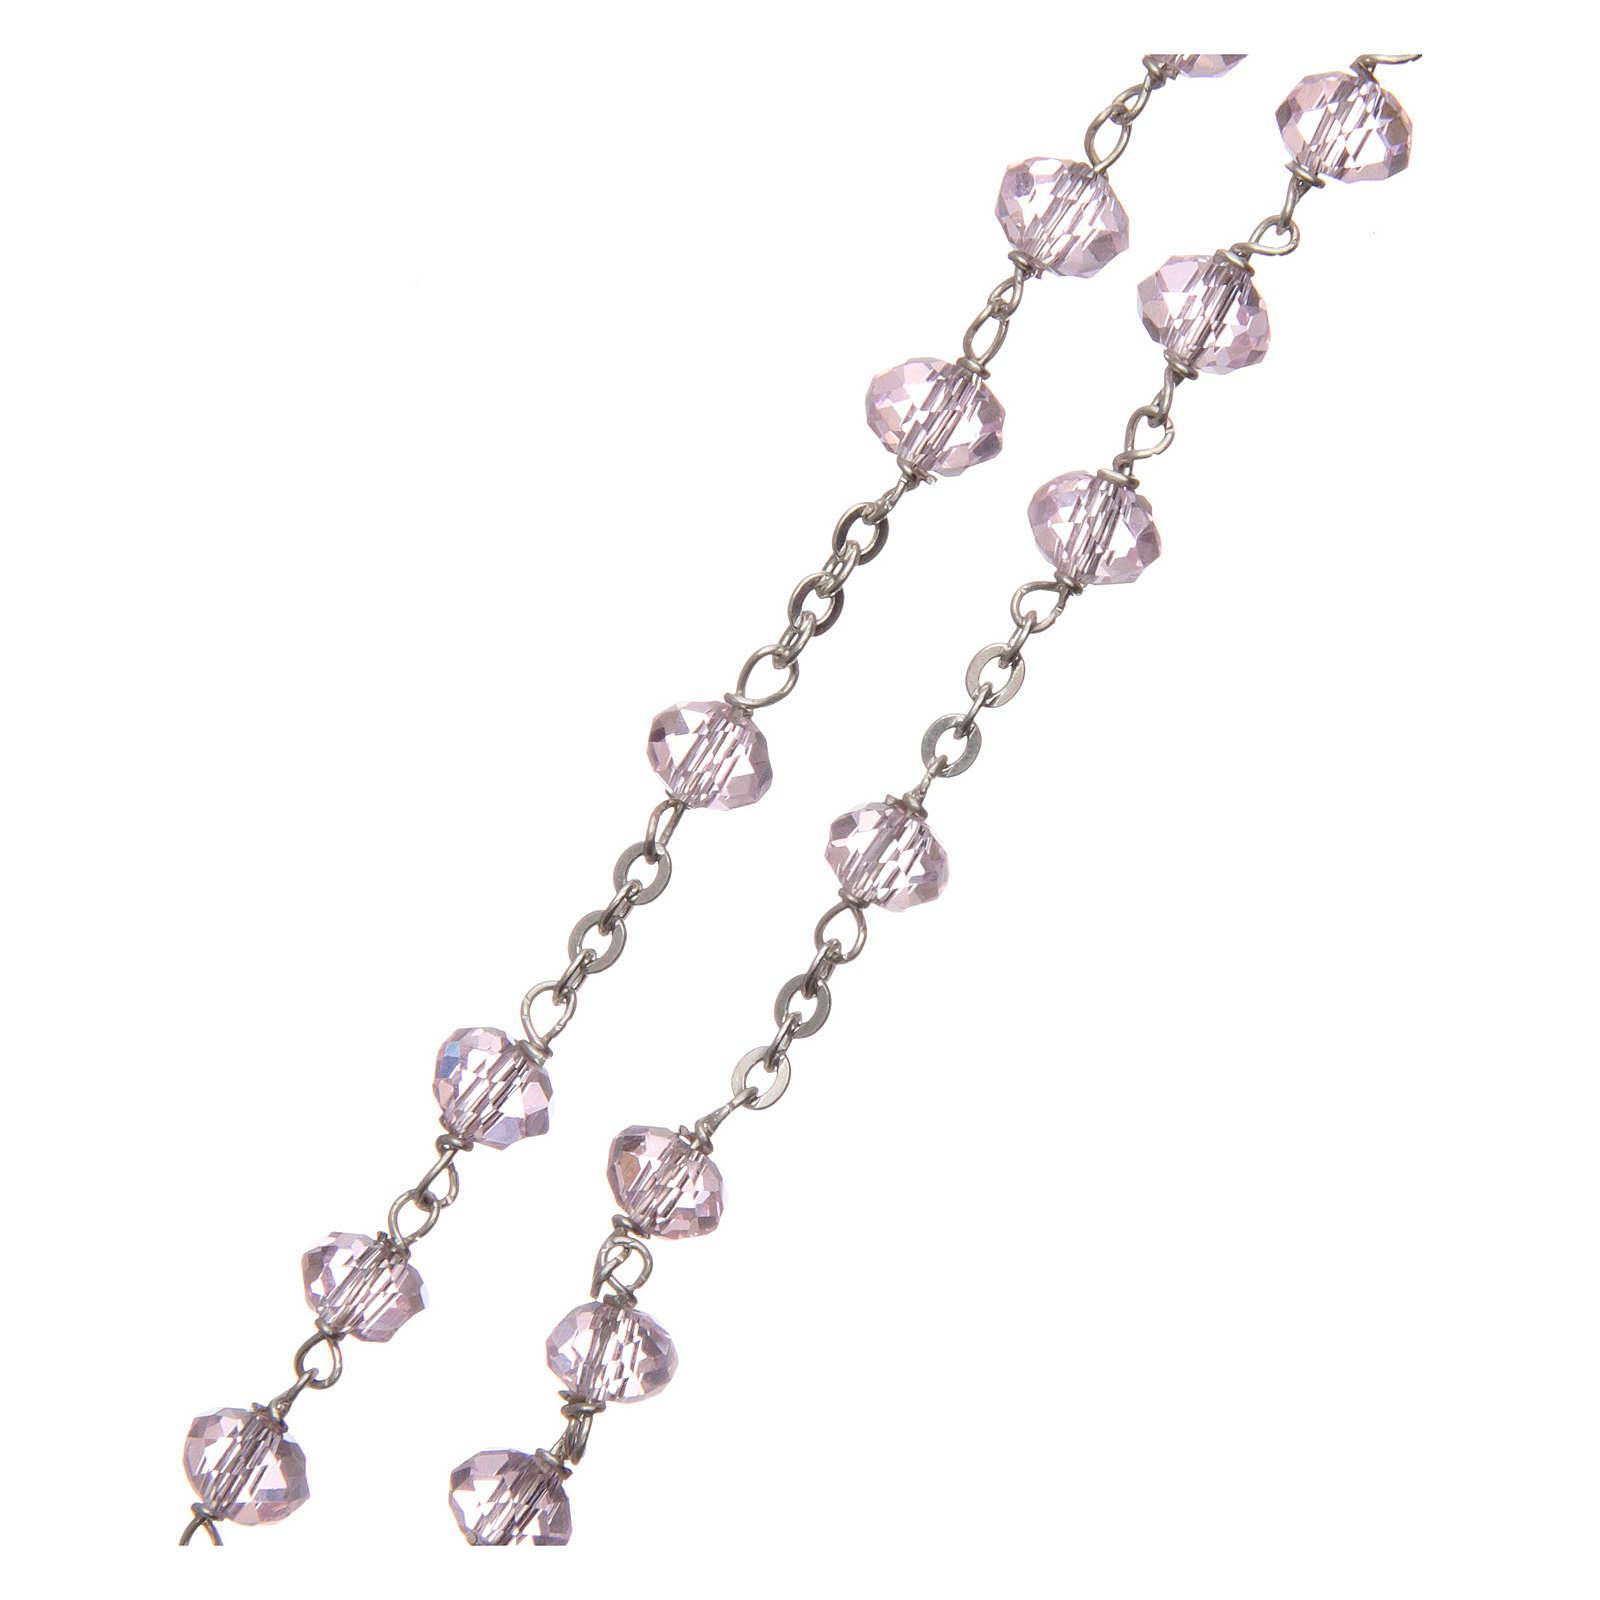 Chapelet cristal rose 6 mm chaîne argent 925 4